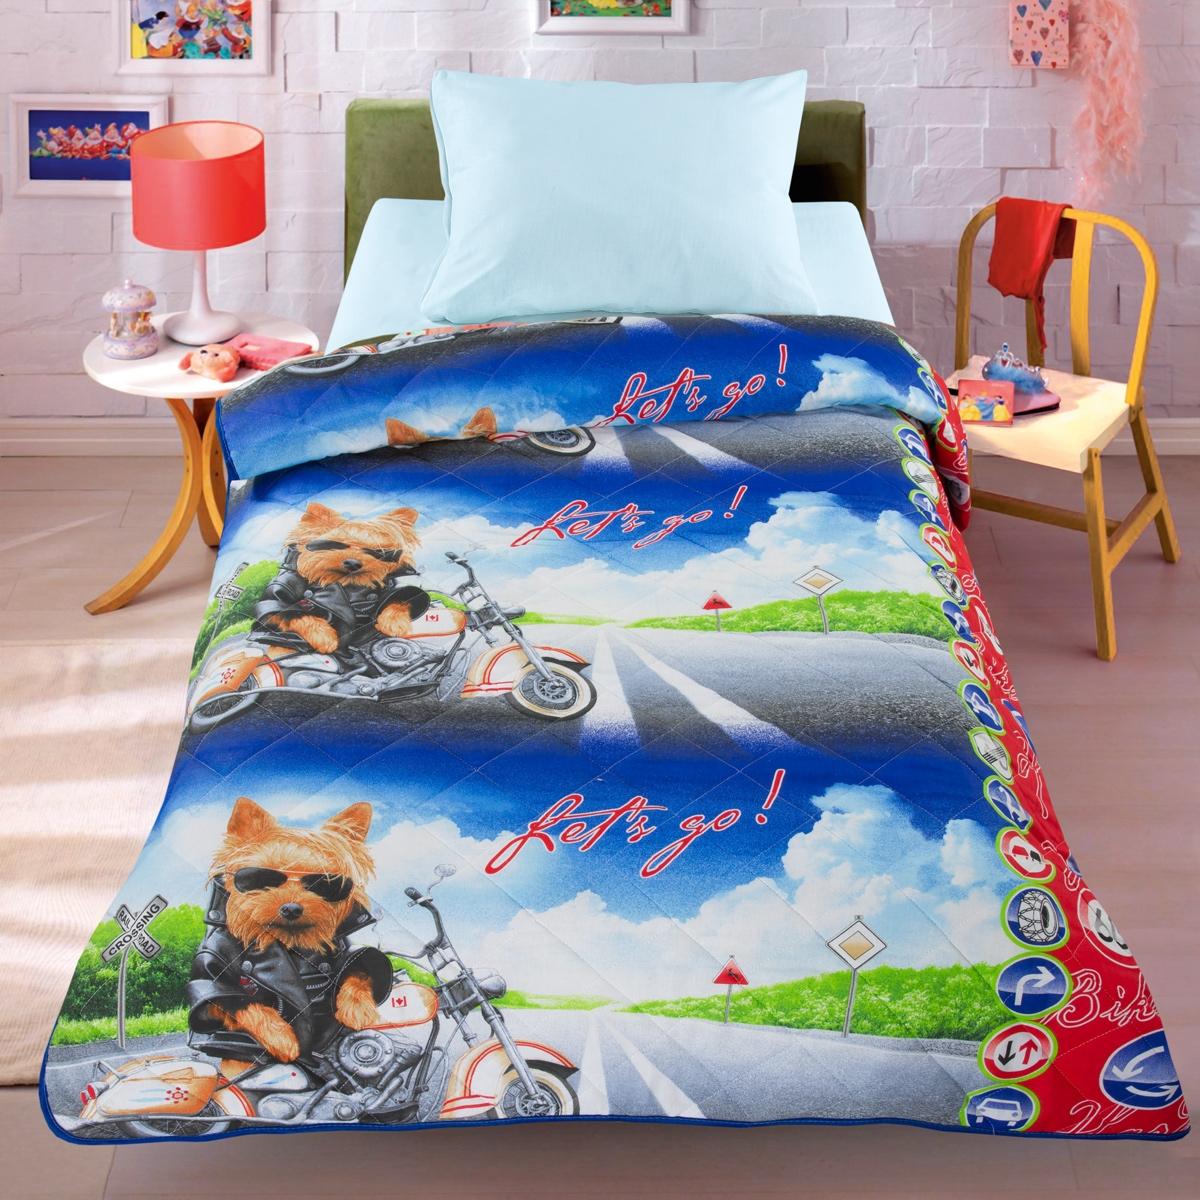 Letto Покрывало-одеяло цвет синийОдеяло-покрывало СупербайкЛегкое оригинальное покрывало в чехле будет радовать вашего малыша в течение всего года. Сидеть на таком покрывале будет приятно и комфортно - ведь оно выполнено из 100% хлопка. К тому же одеяло можно использовать и как одеяло на детскую кровать. Наполнитель - силиконизированное волокно. Вашему ребенку не будет жарко под таким одеялом, а это значит от не будет раскрываться. Оно подлежит машинной стирке при температуре 30 гр., строго на деликатном режиме. 140*205